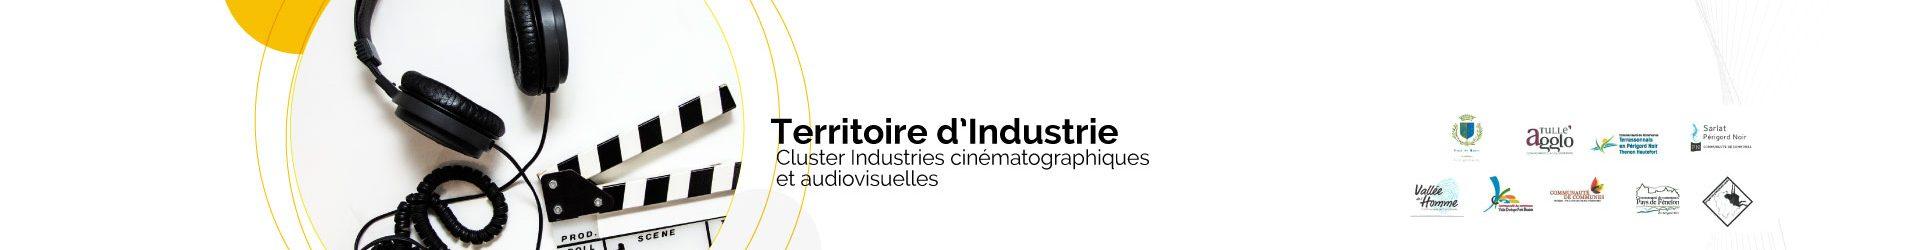 Territoires d'industrie : convention signée pour le Cluster Industries cinématographiques et audiovisuelles